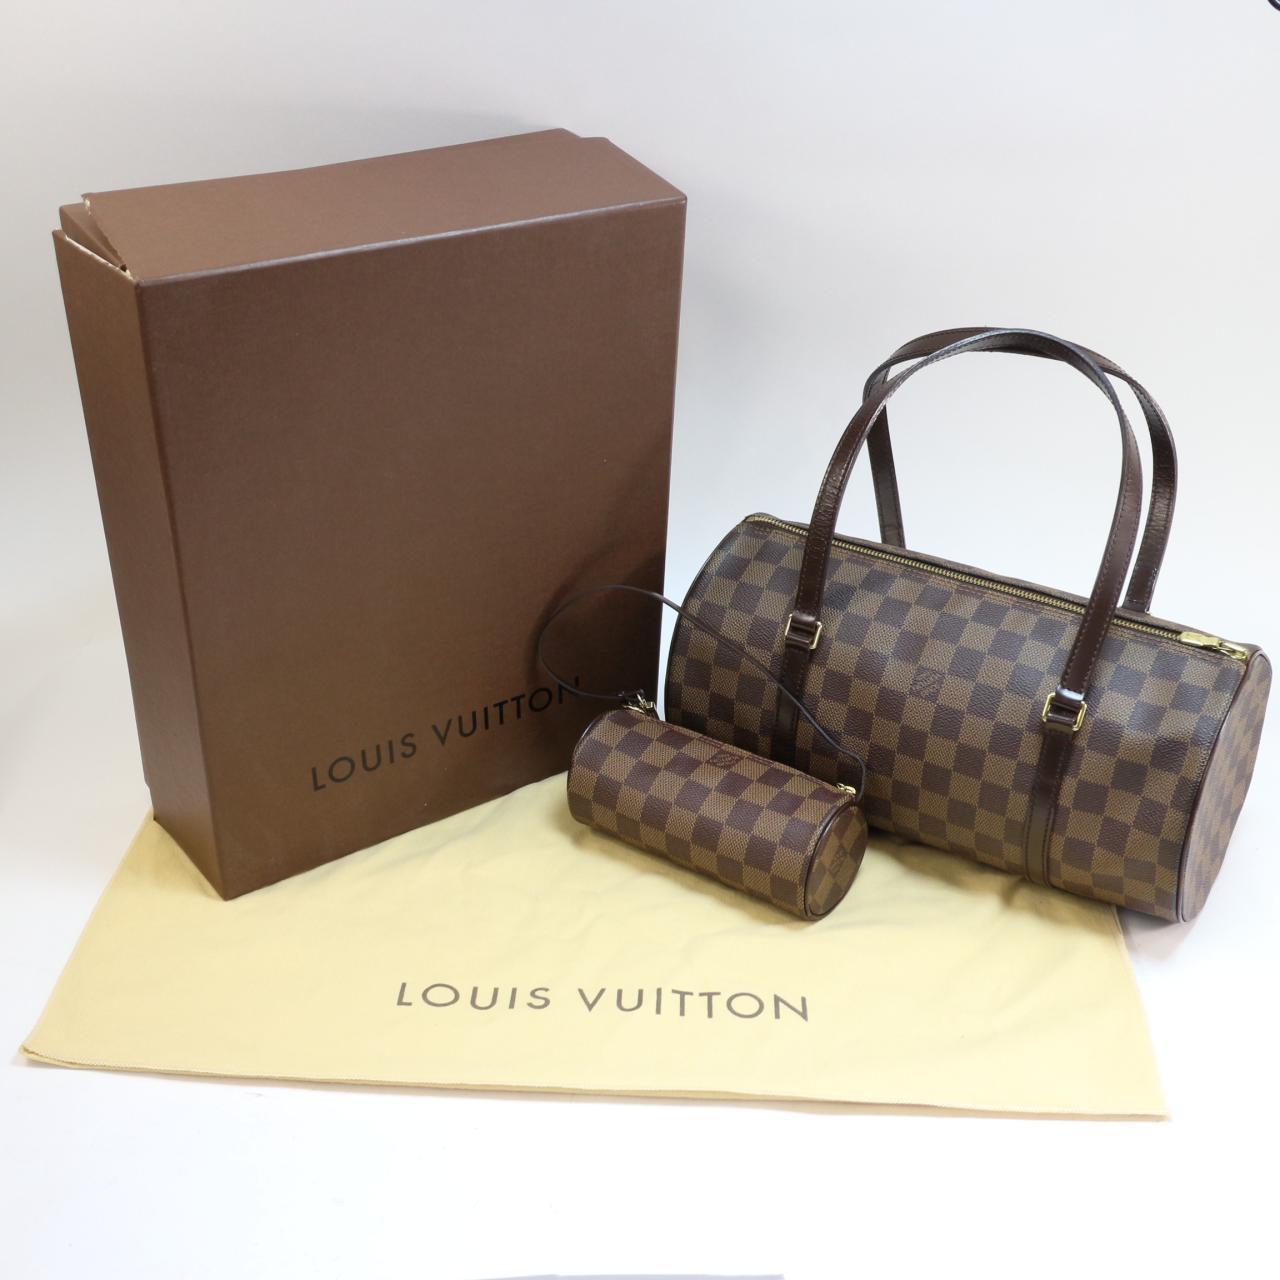 Louis Vuitton Damier Ebene Papillon Handbag W Pouch - Luxurylana Boutique 7a1845803d170